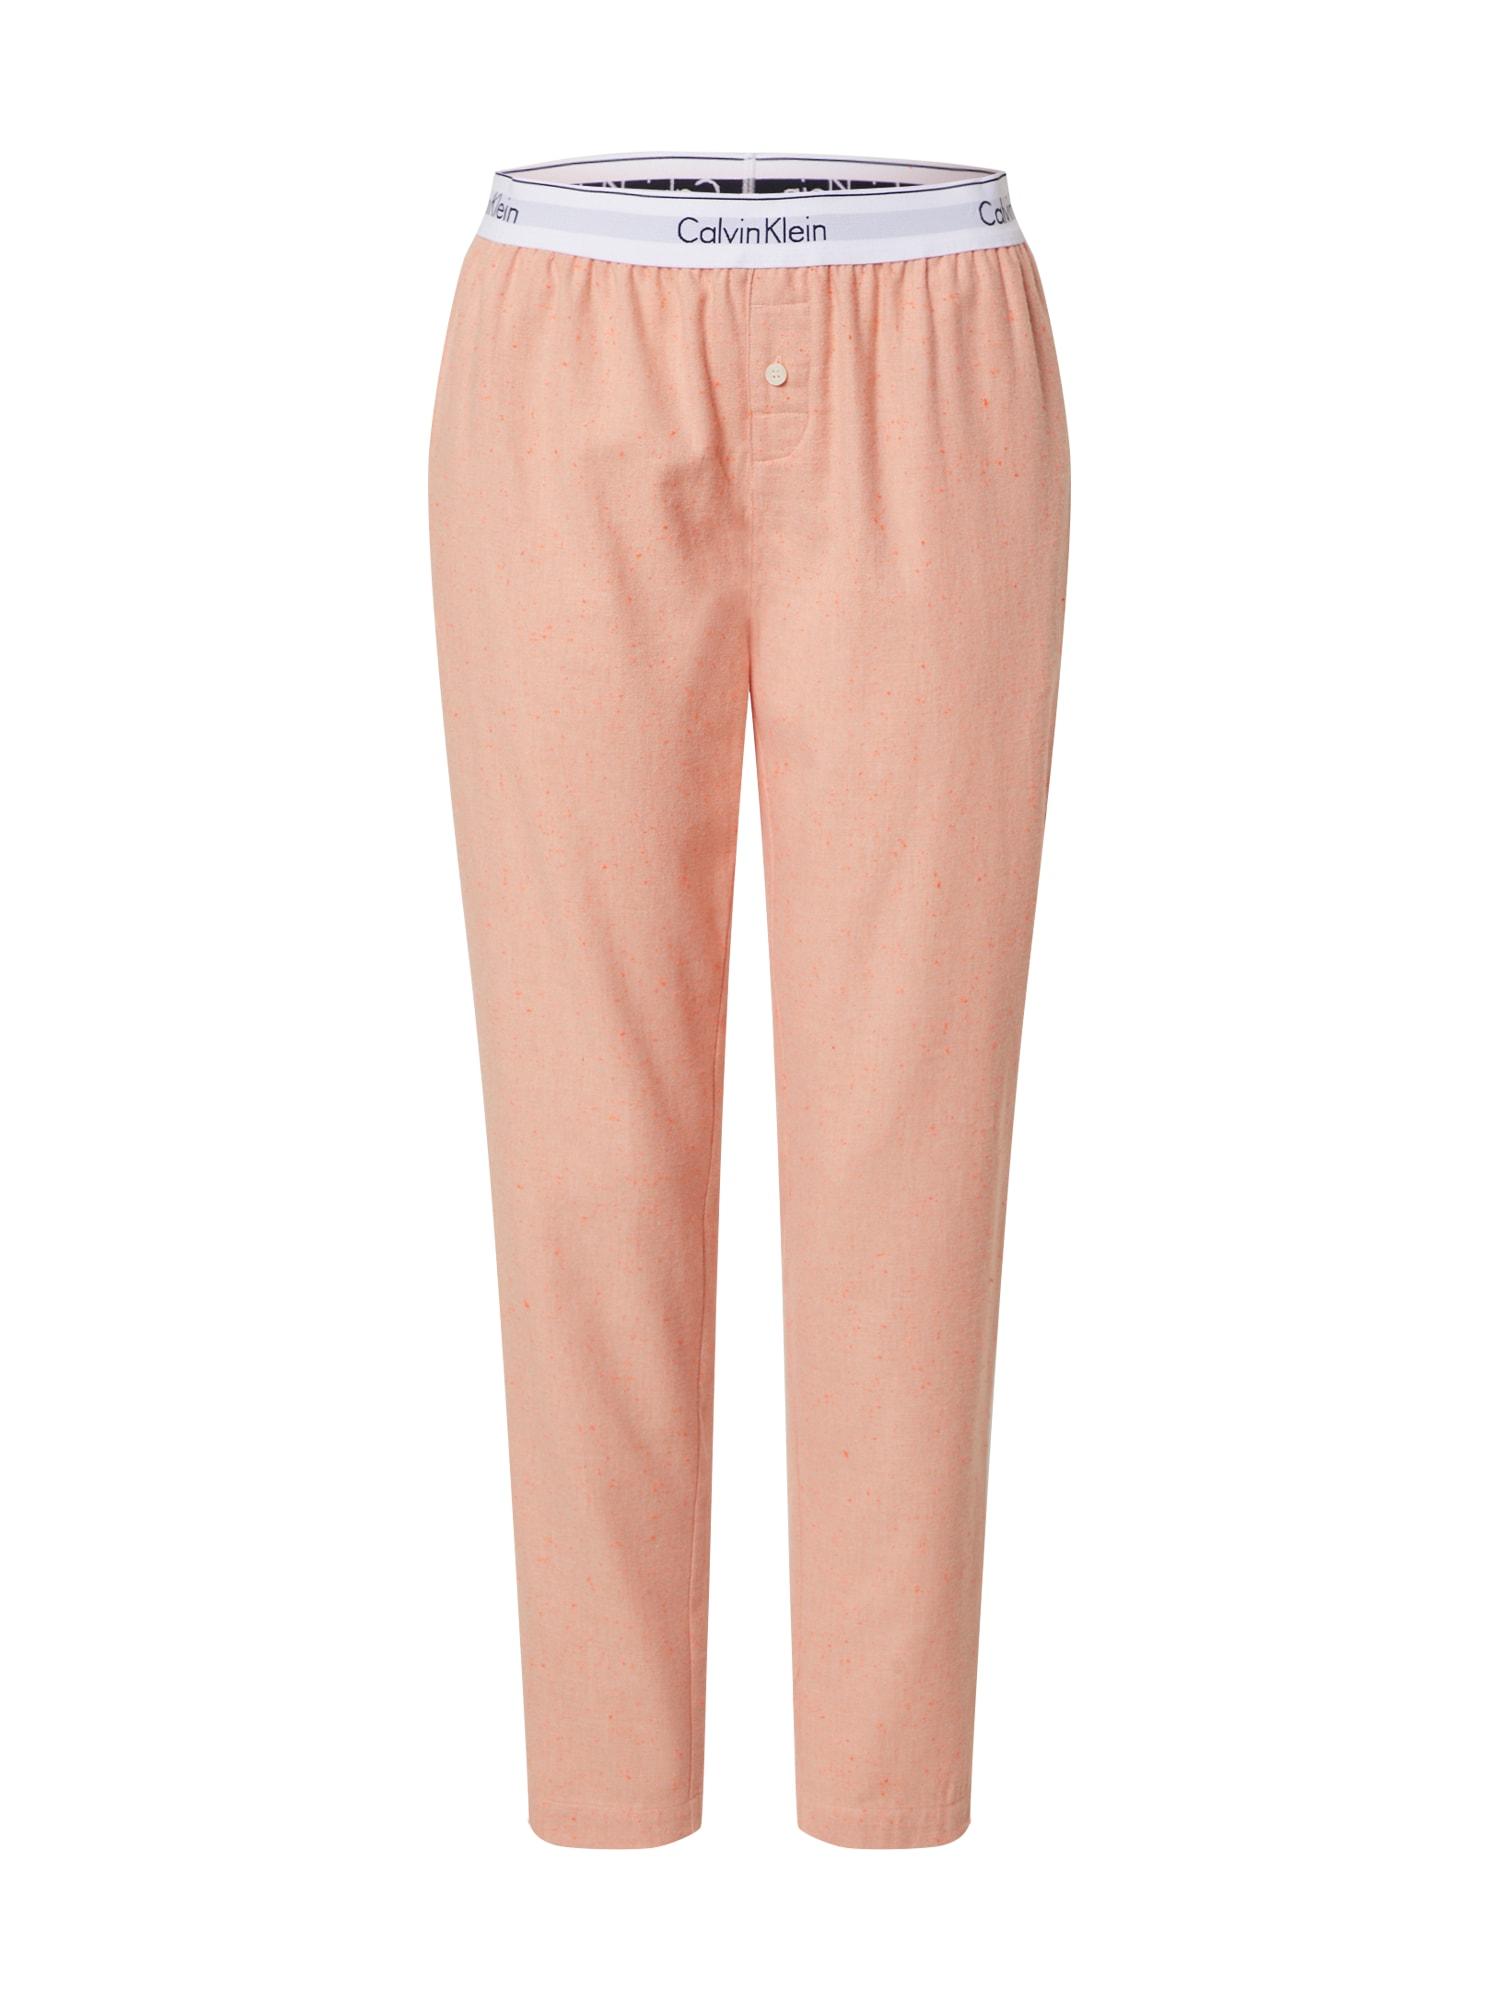 Calvin Klein Underwear Pižaminės kelnės 'SLEEP PANT' oranžinė